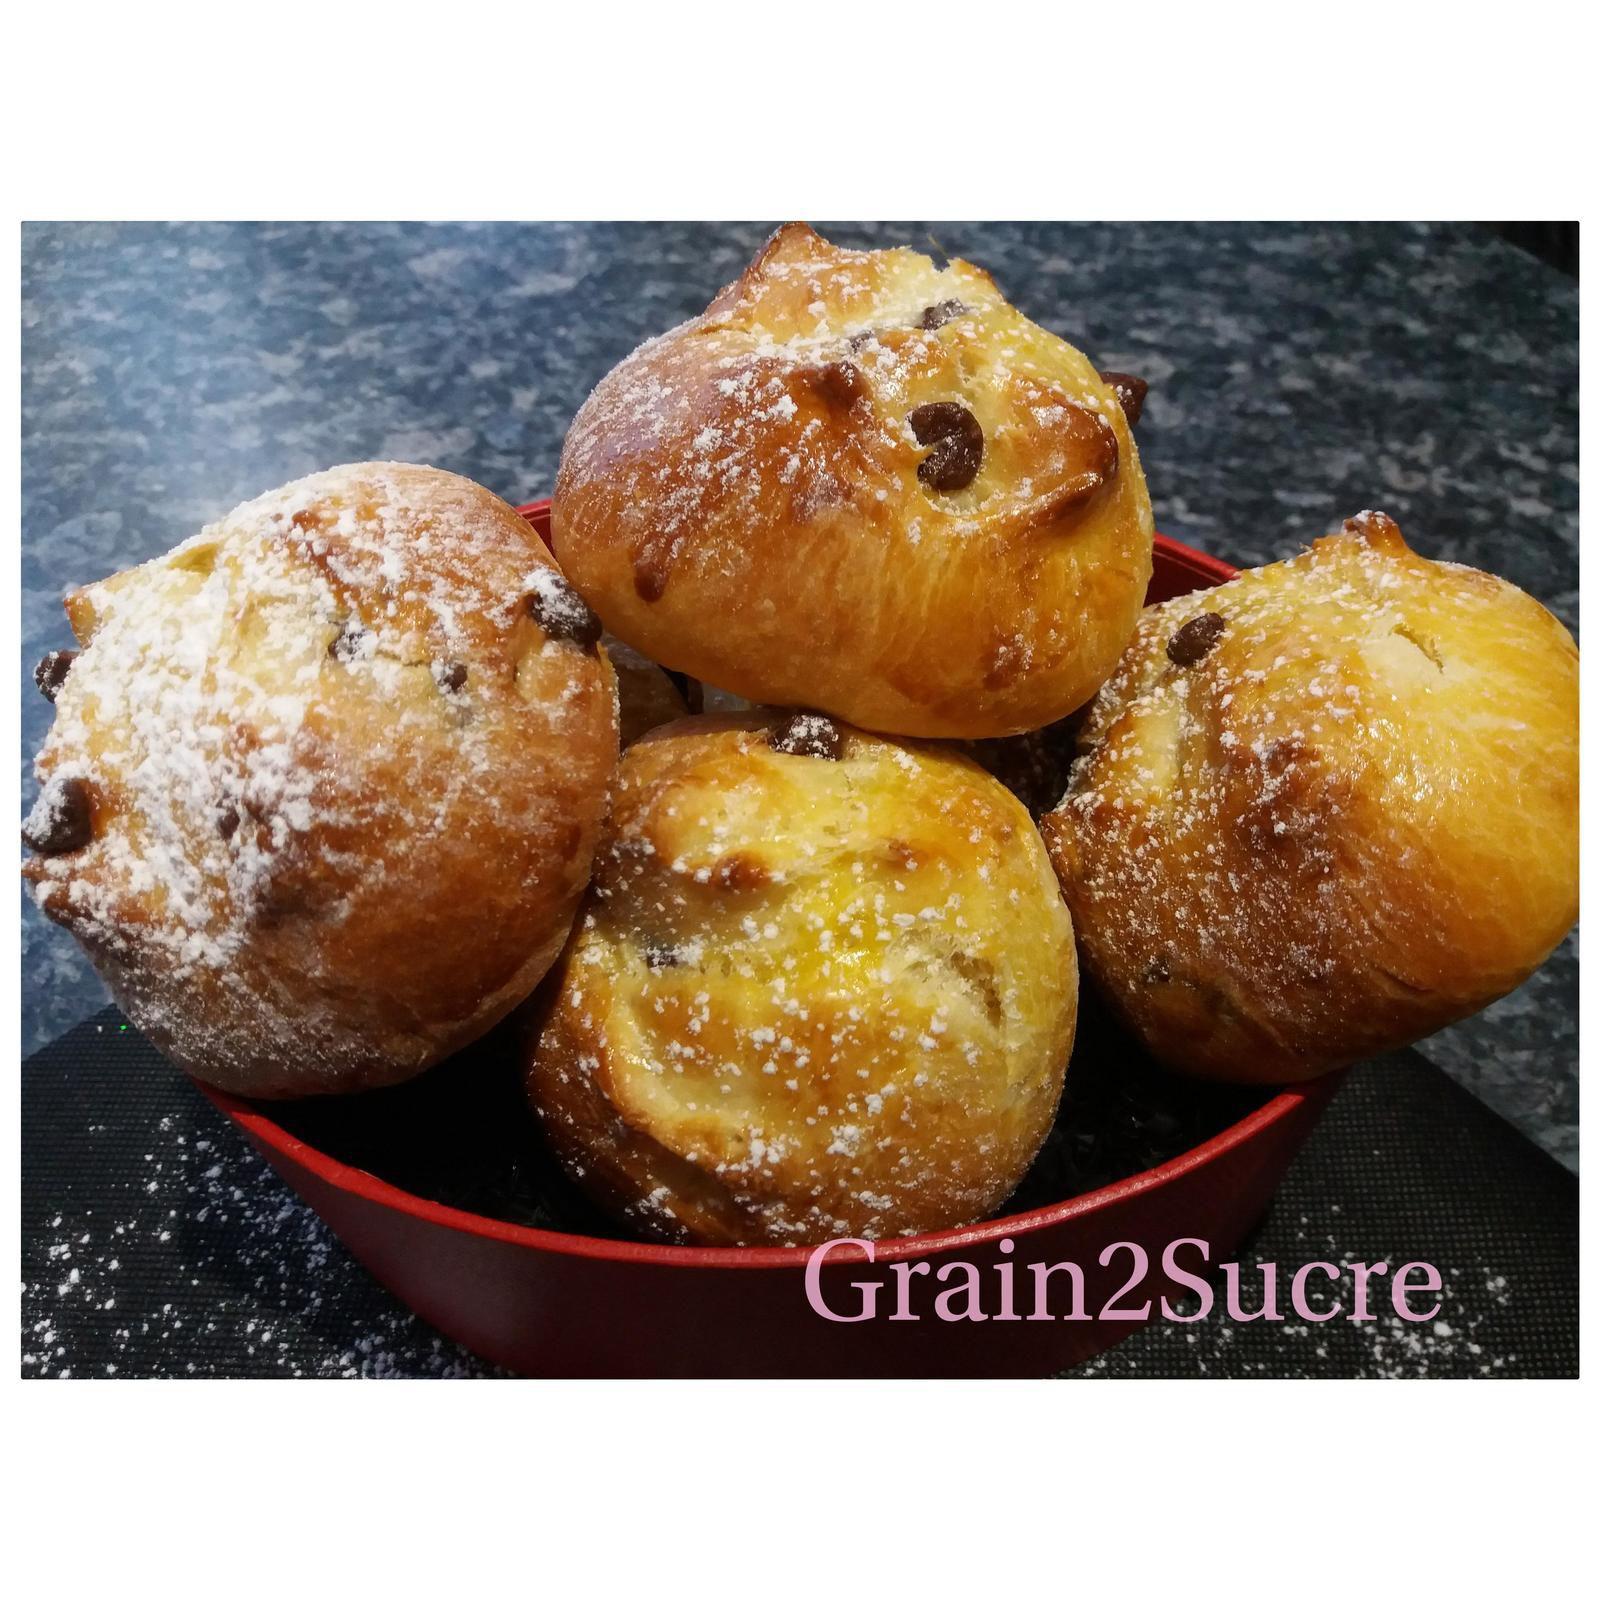 Grain2Sucre. Stolle Alsacien, farine, sucre, lait, œufs,levure fraîche, pépites de chocolat